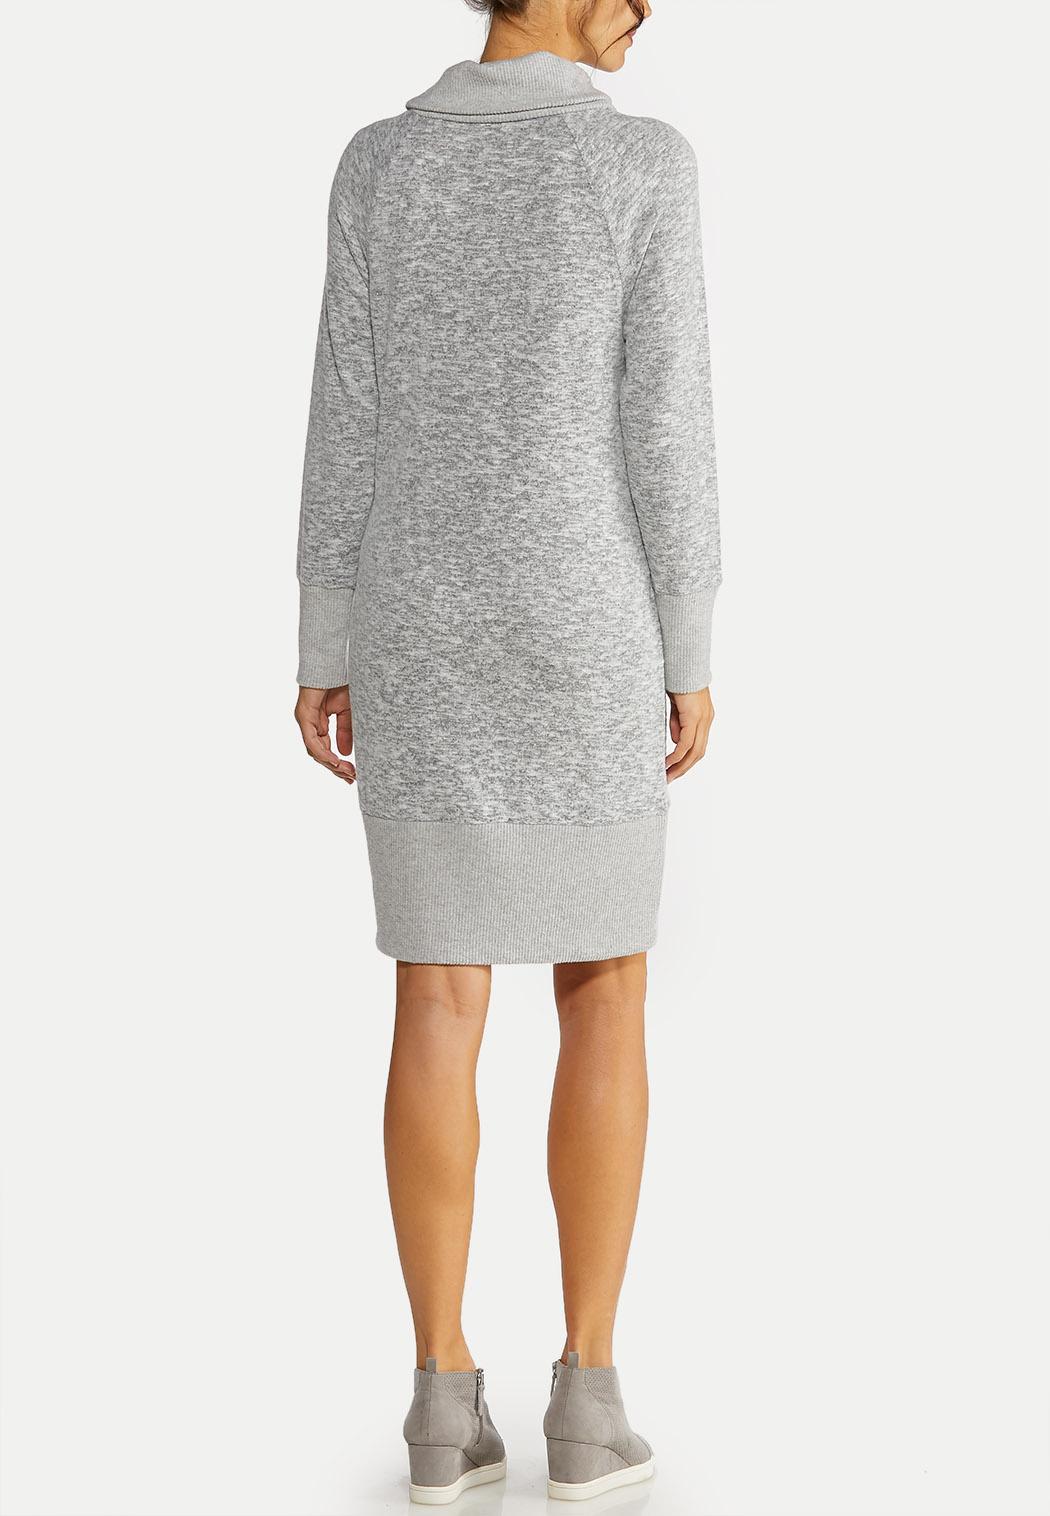 Plus Size Cowl Neck Active Dress (Item #44042325)